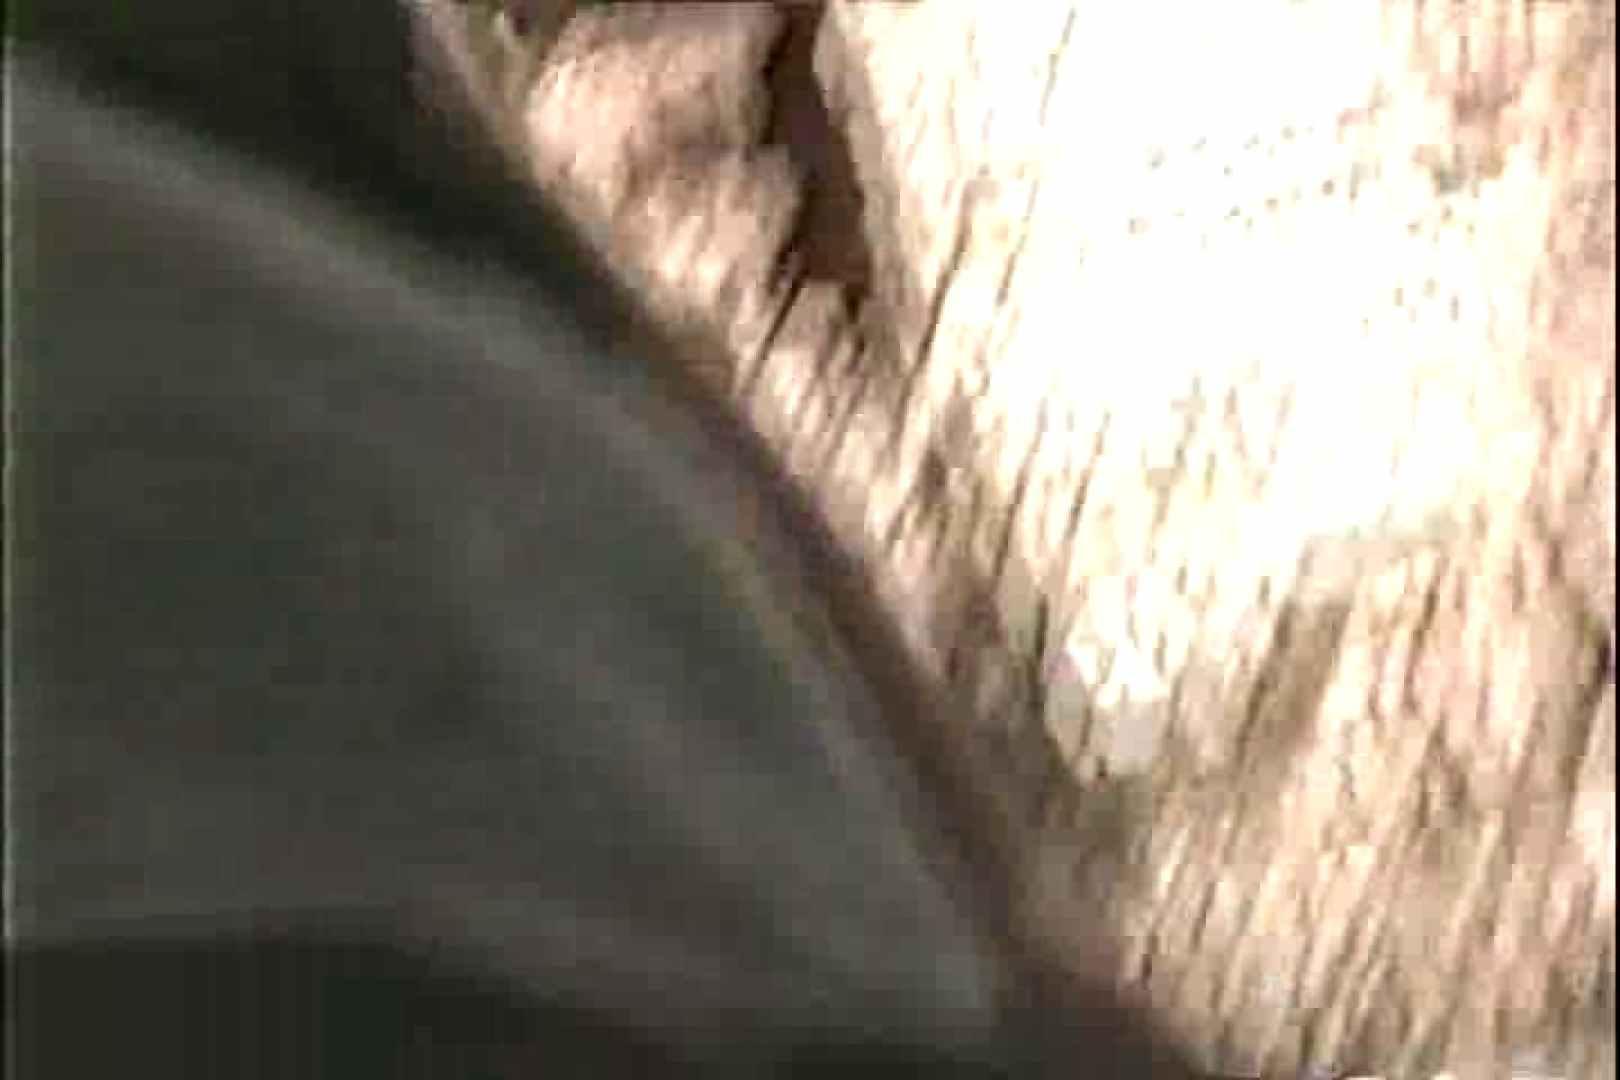 「ちくりん」さんのオリジナル未編集パンチラVol.6_02 OLヌード天国   パンチラ  98PIX 85